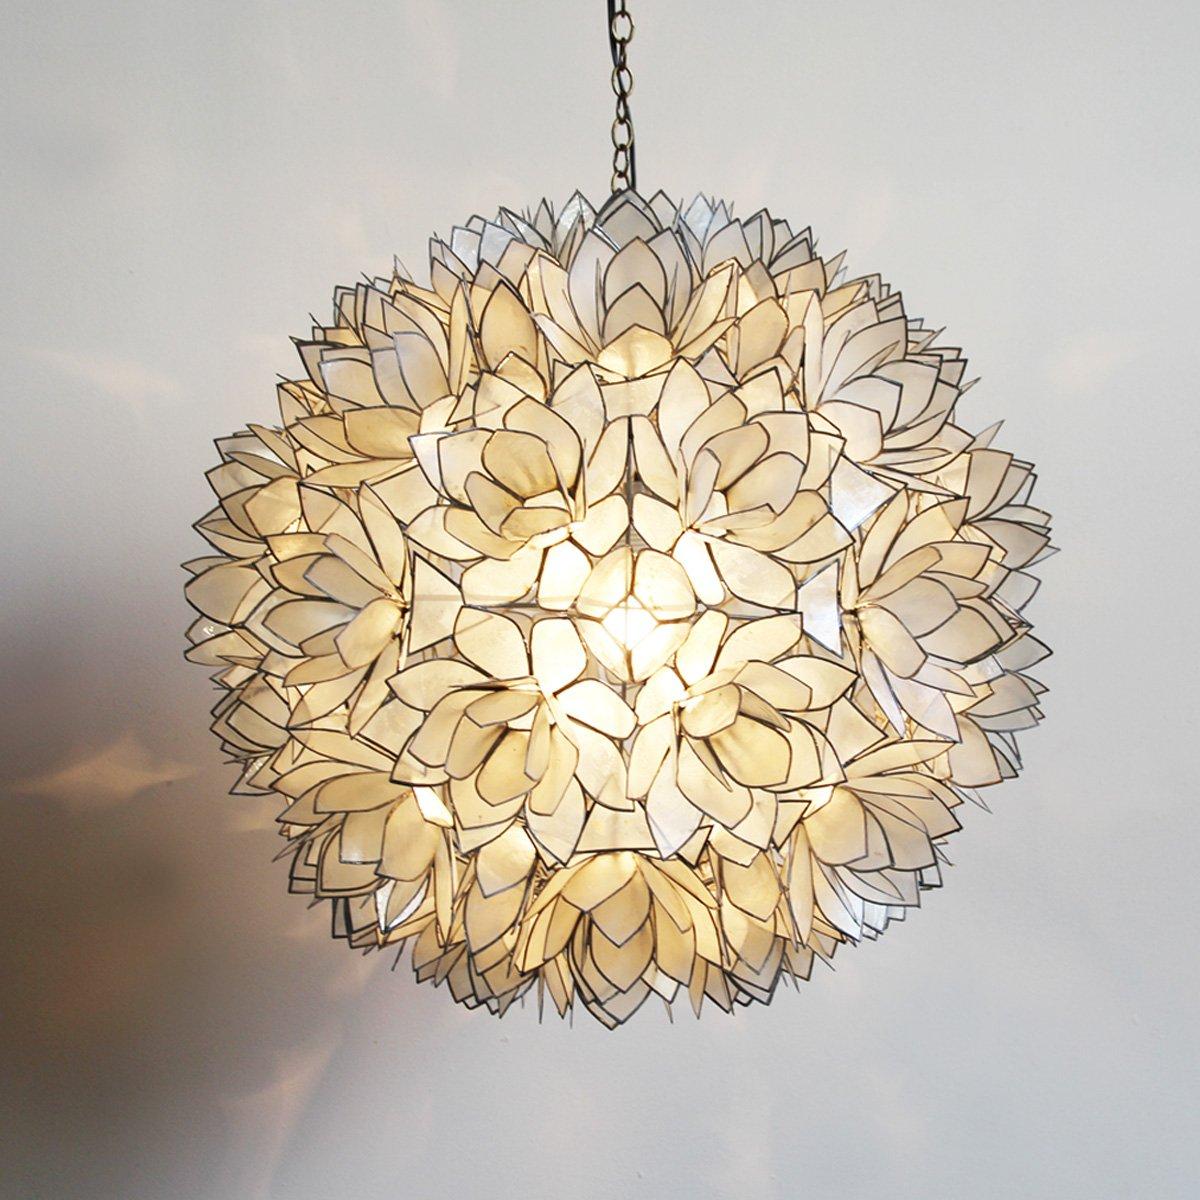 Lotus Flower Capiz Shell Lantern 22 by Mix Furniture (Image #1)